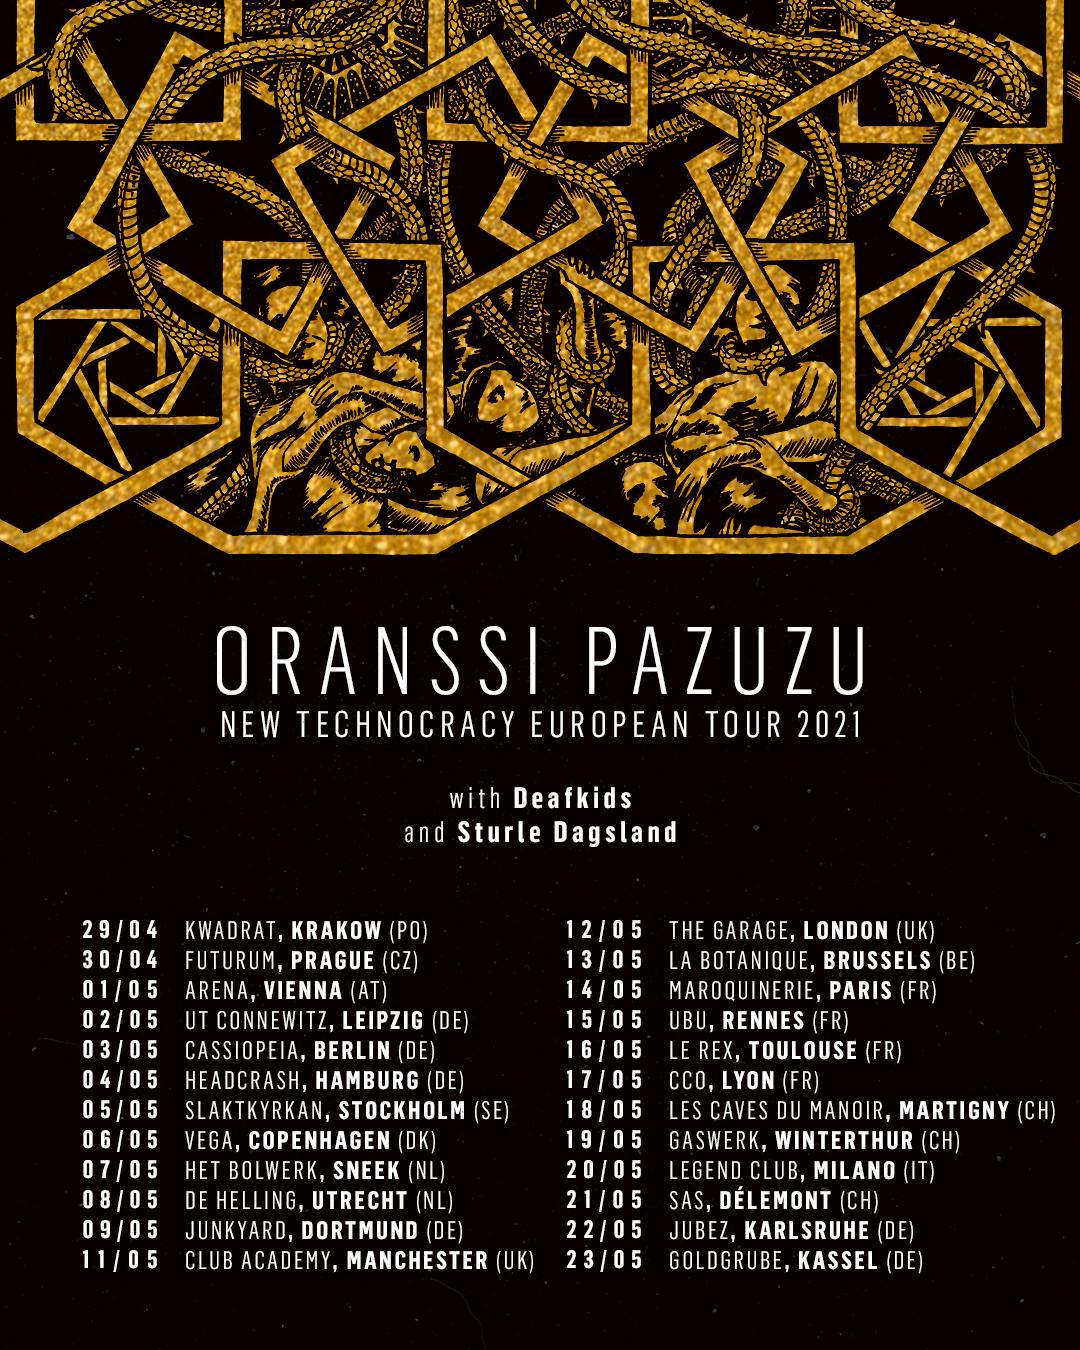 Oranssi Pazuzu Tour 2021